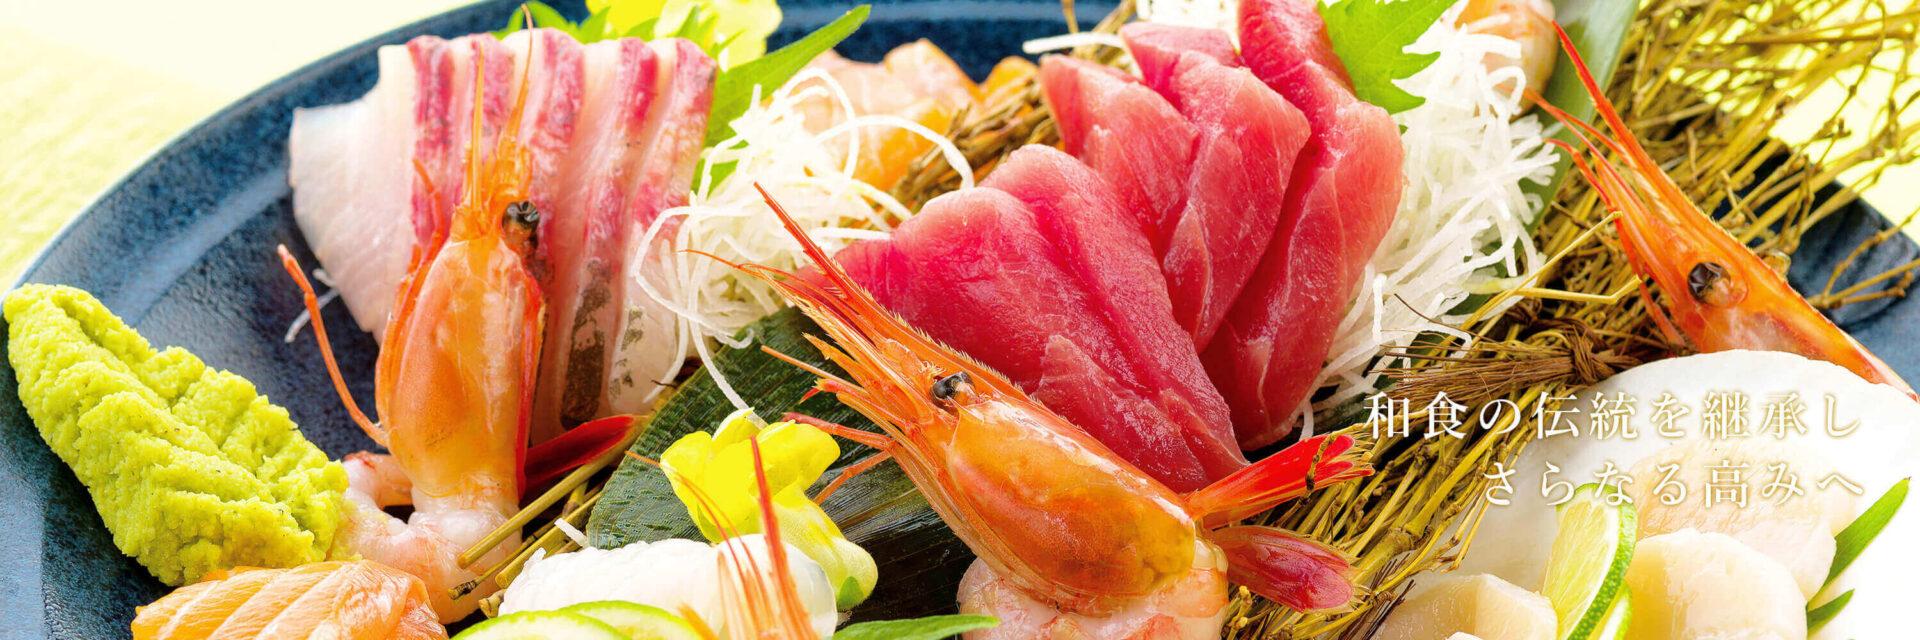 和食の伝統を継承しさらなる高みへ